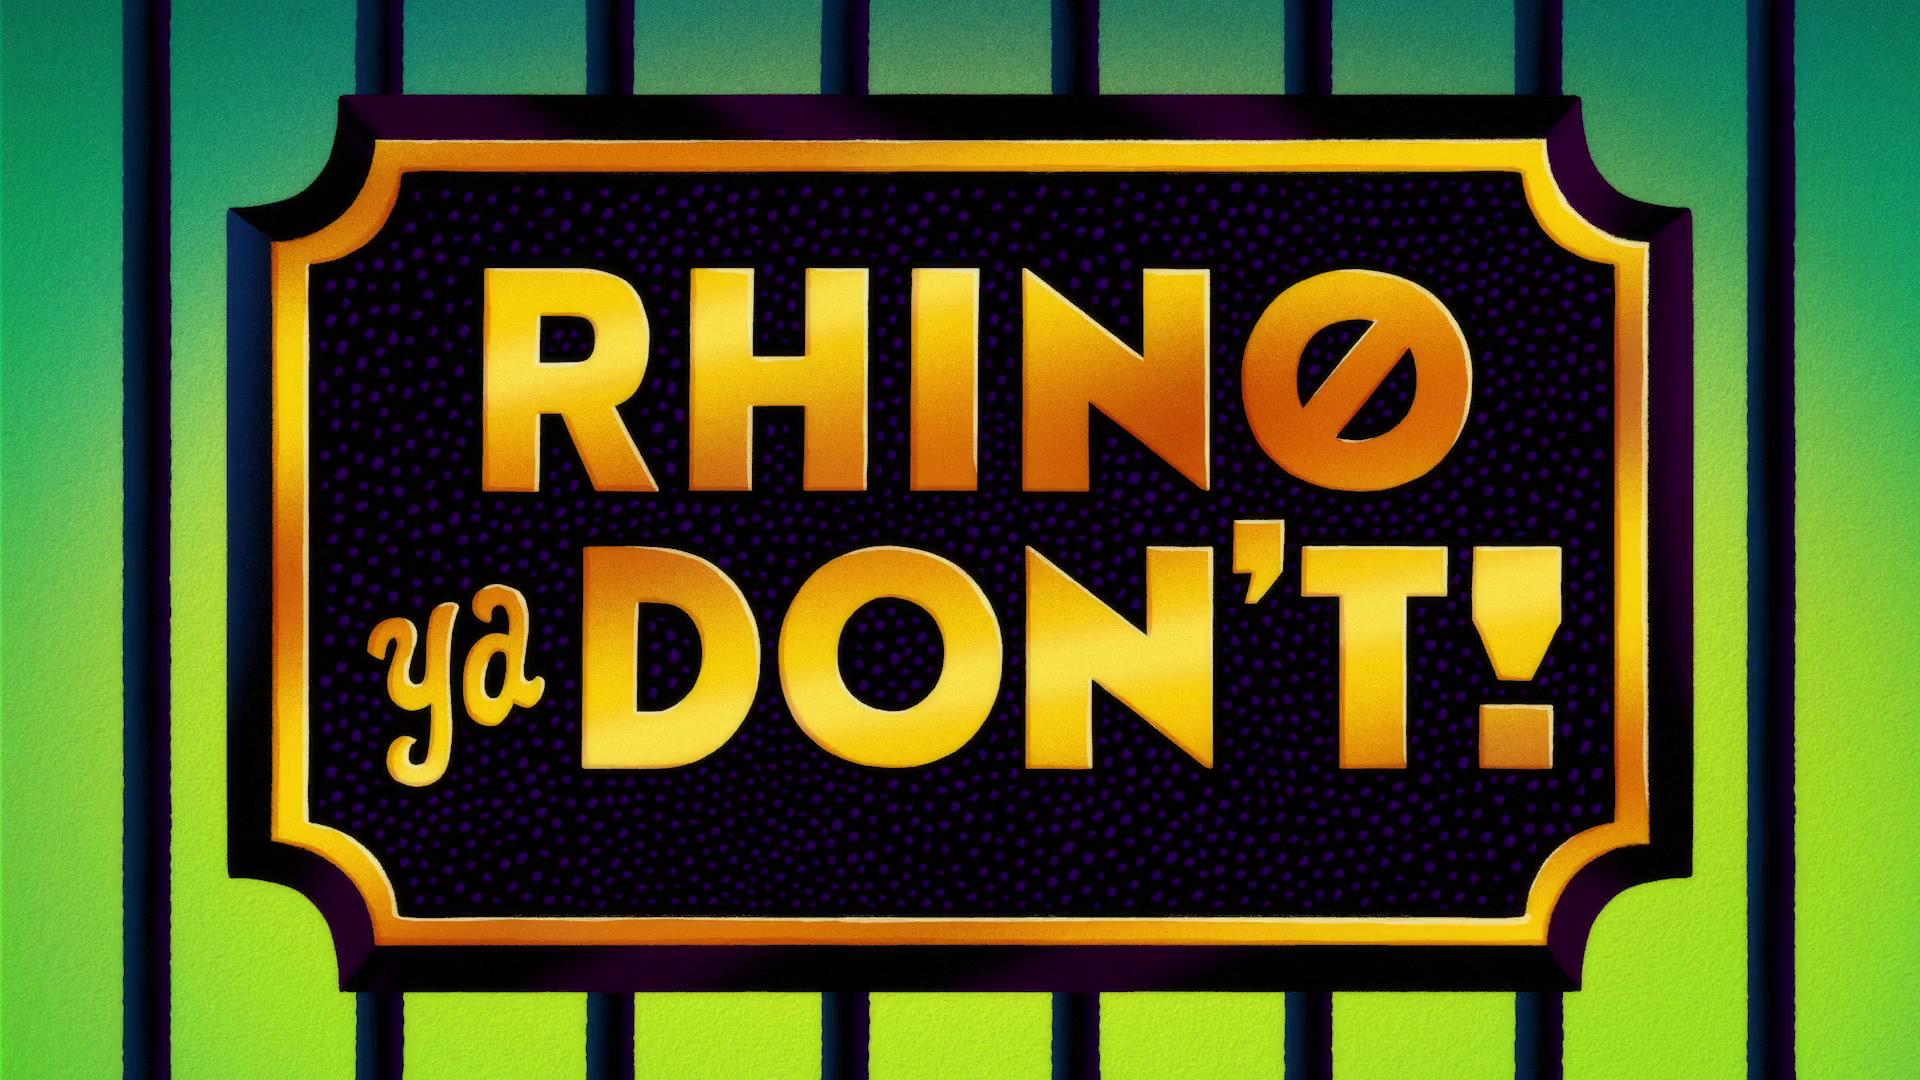 Rhino Ya Don't